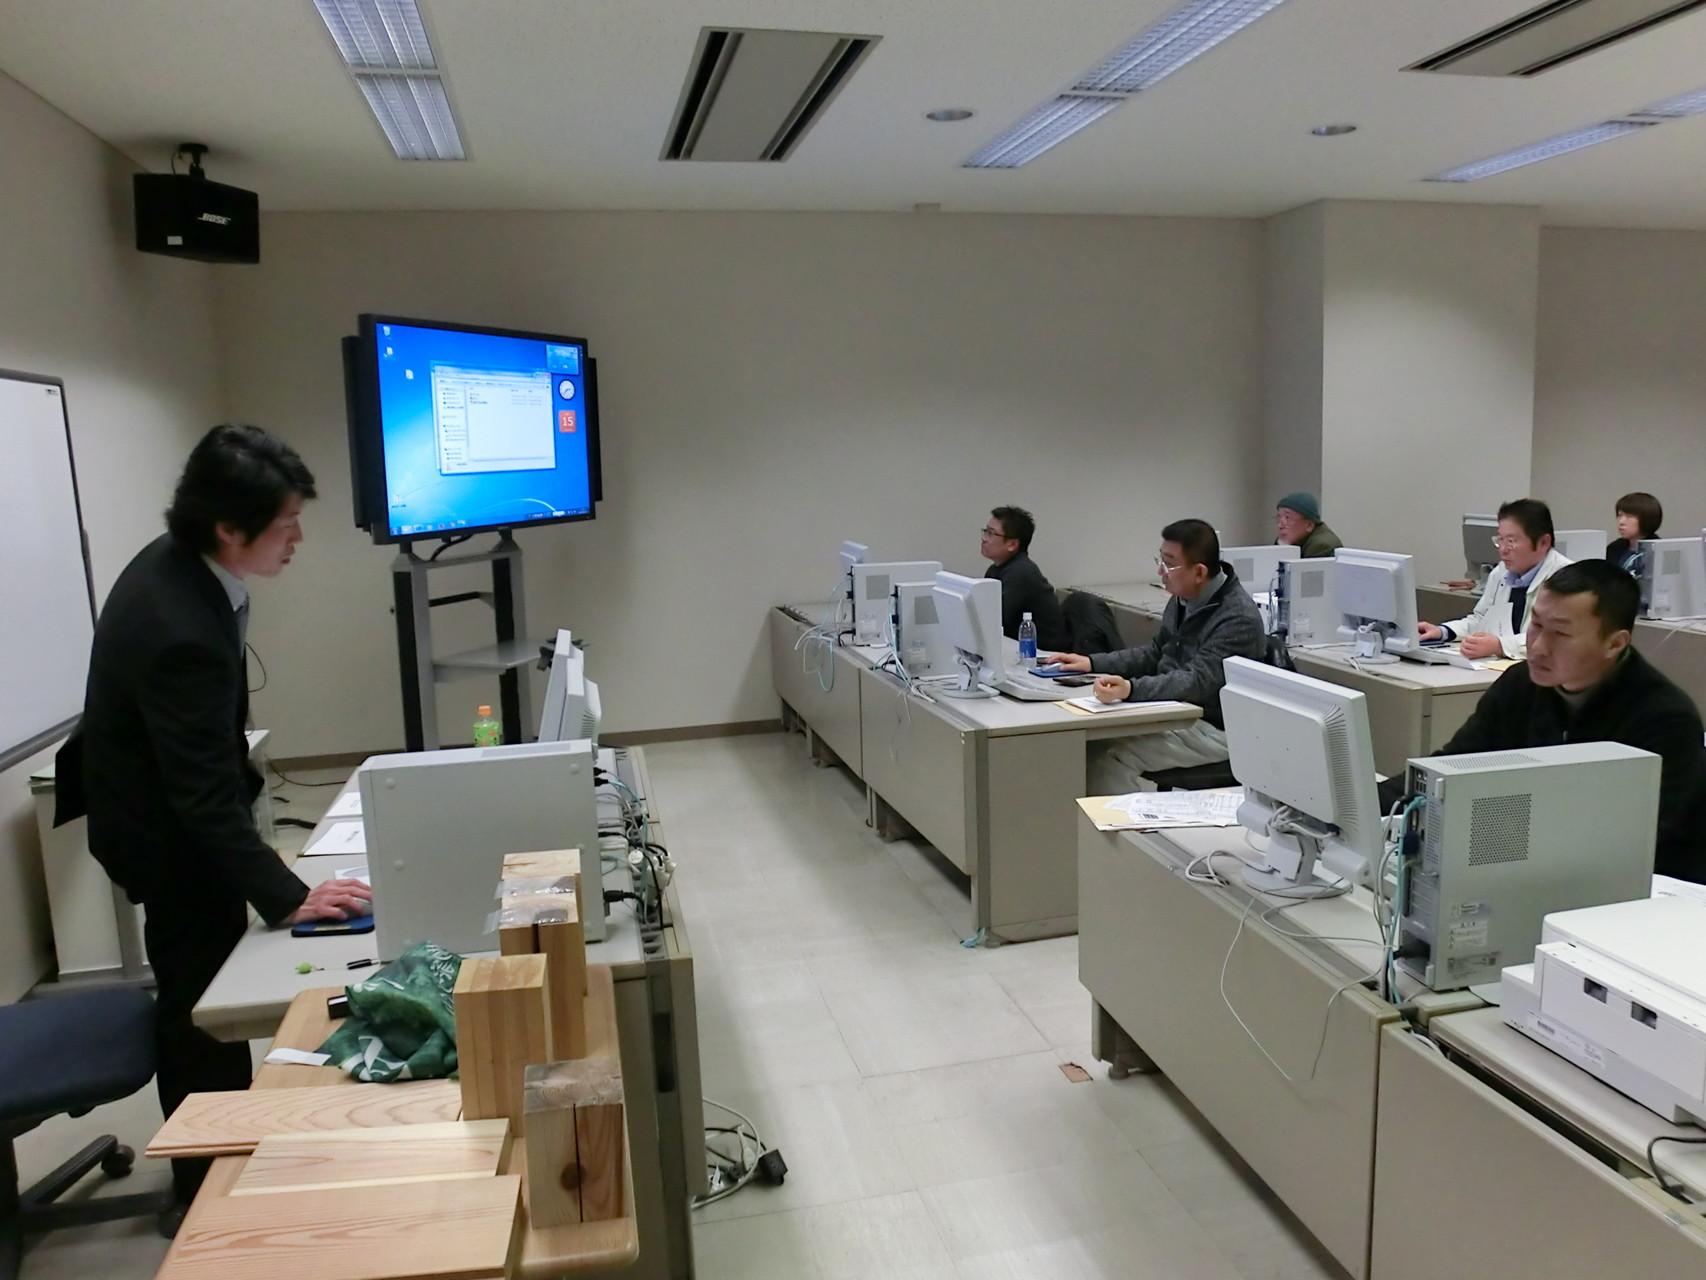 全国木造建設事業協会愛媛県協会講習会「木造に関するセミナー「PCを使って梁と基礎の計算実践演習」」